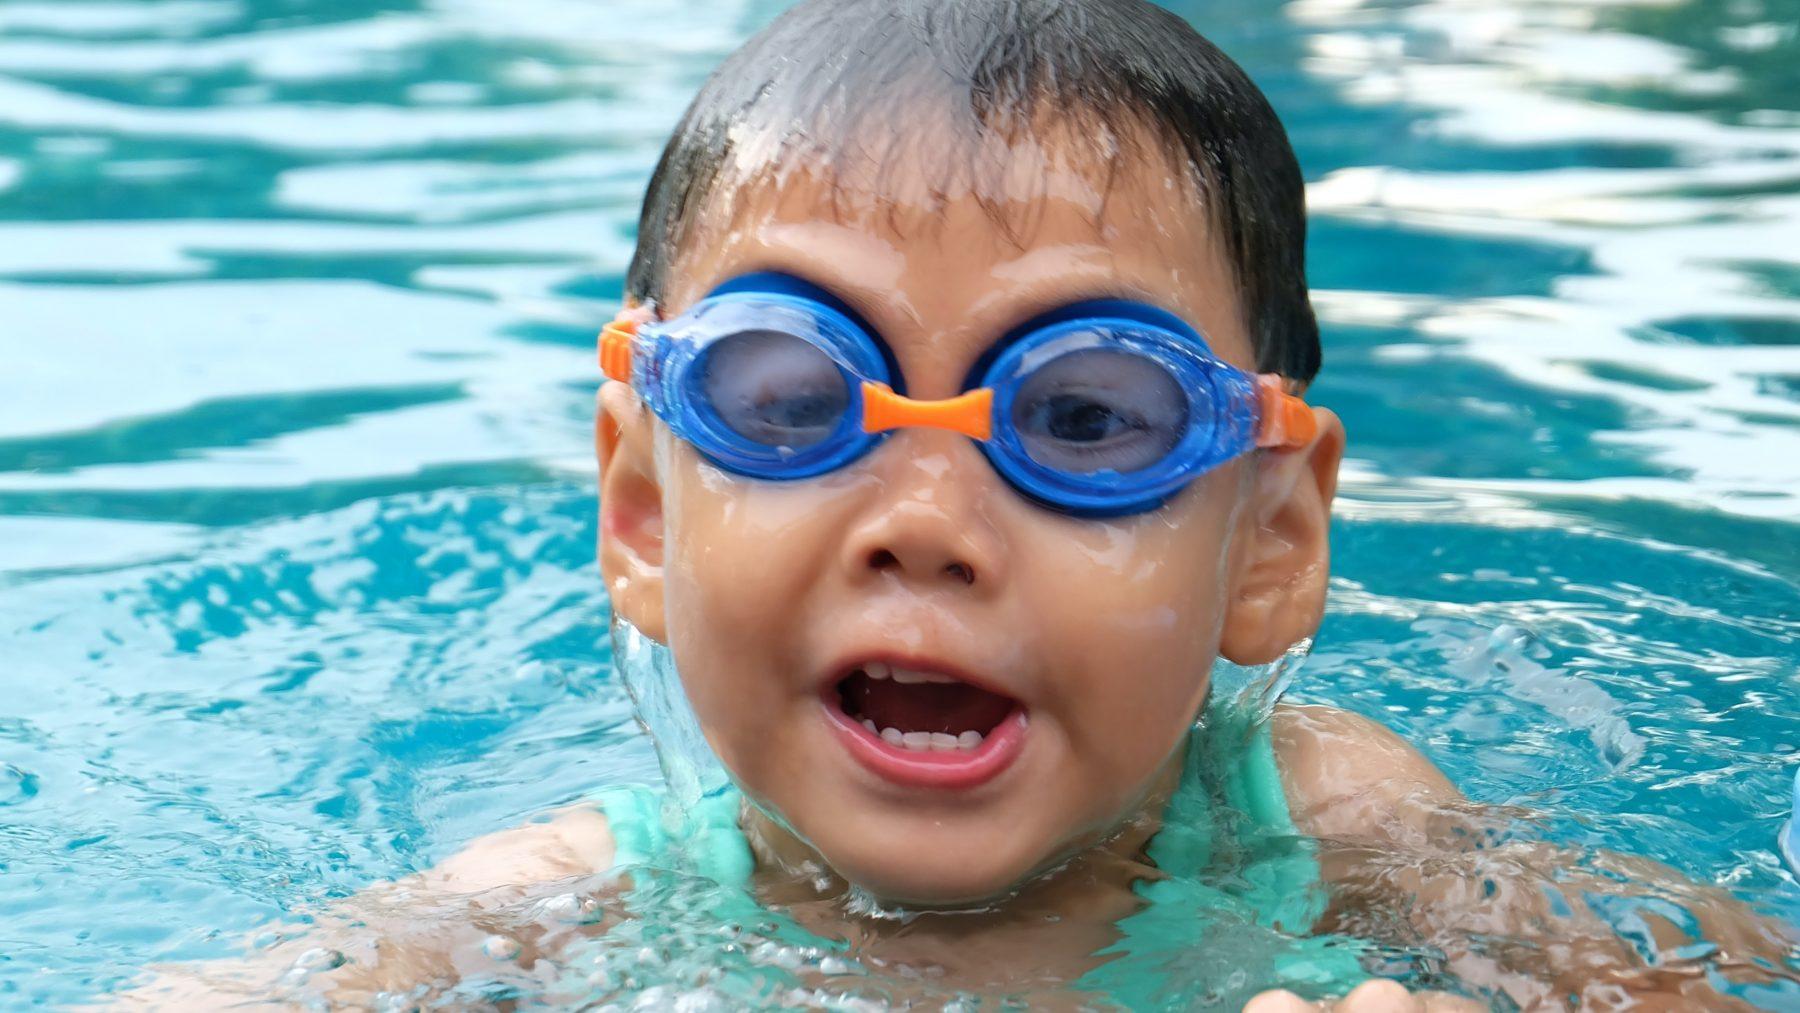 Waarom hebben mensen zwemles nodig, maar dieren niet?